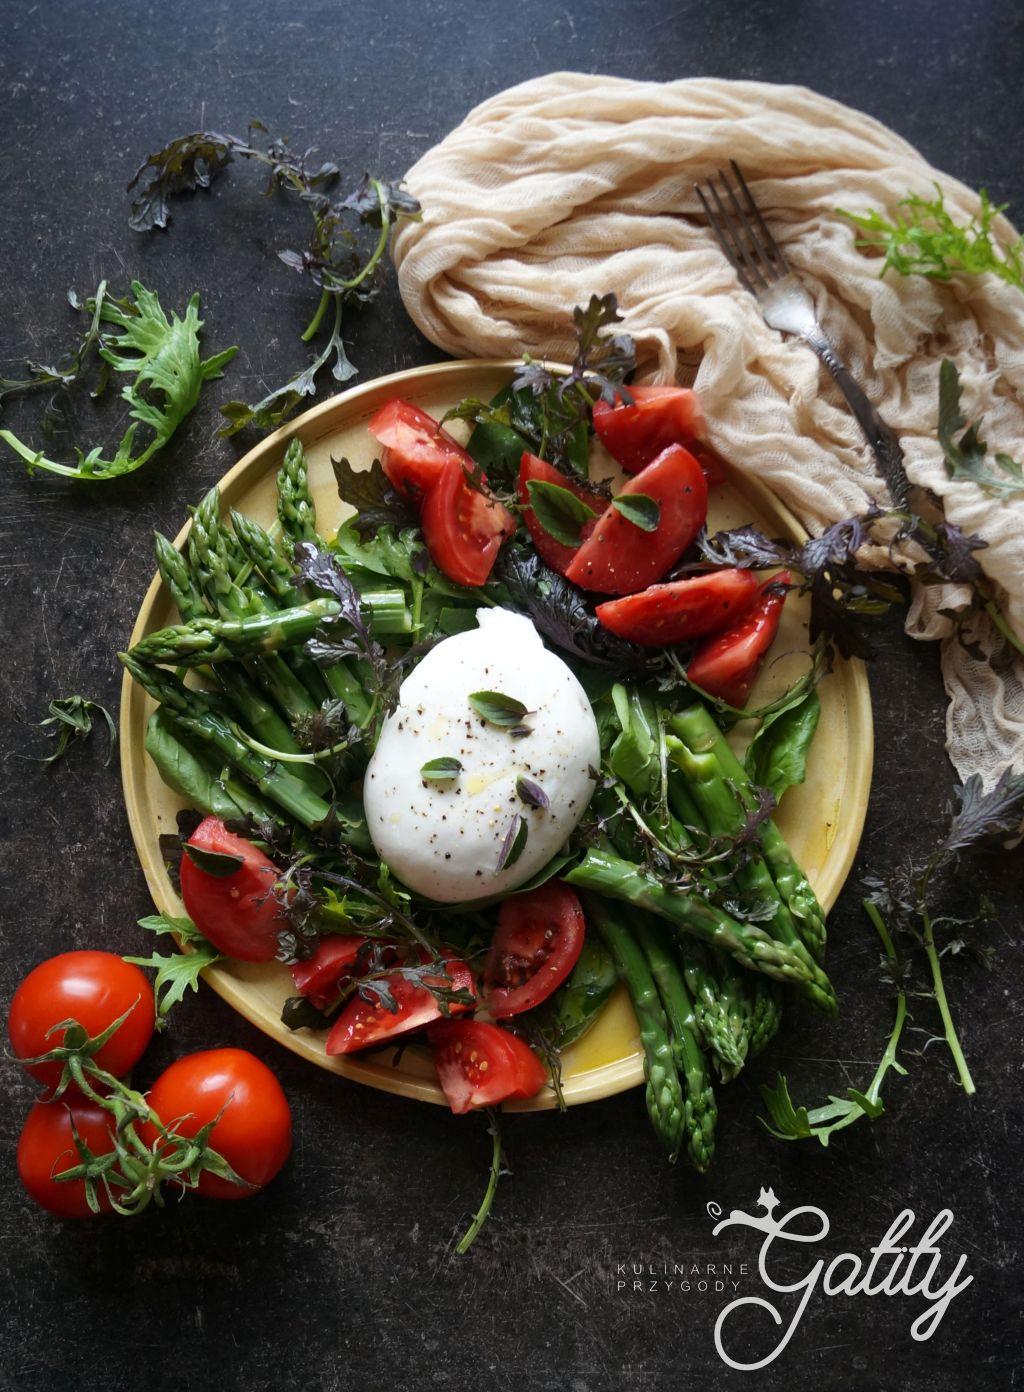 zielone-szparagi-czerwony-pomidor-bialy-ser